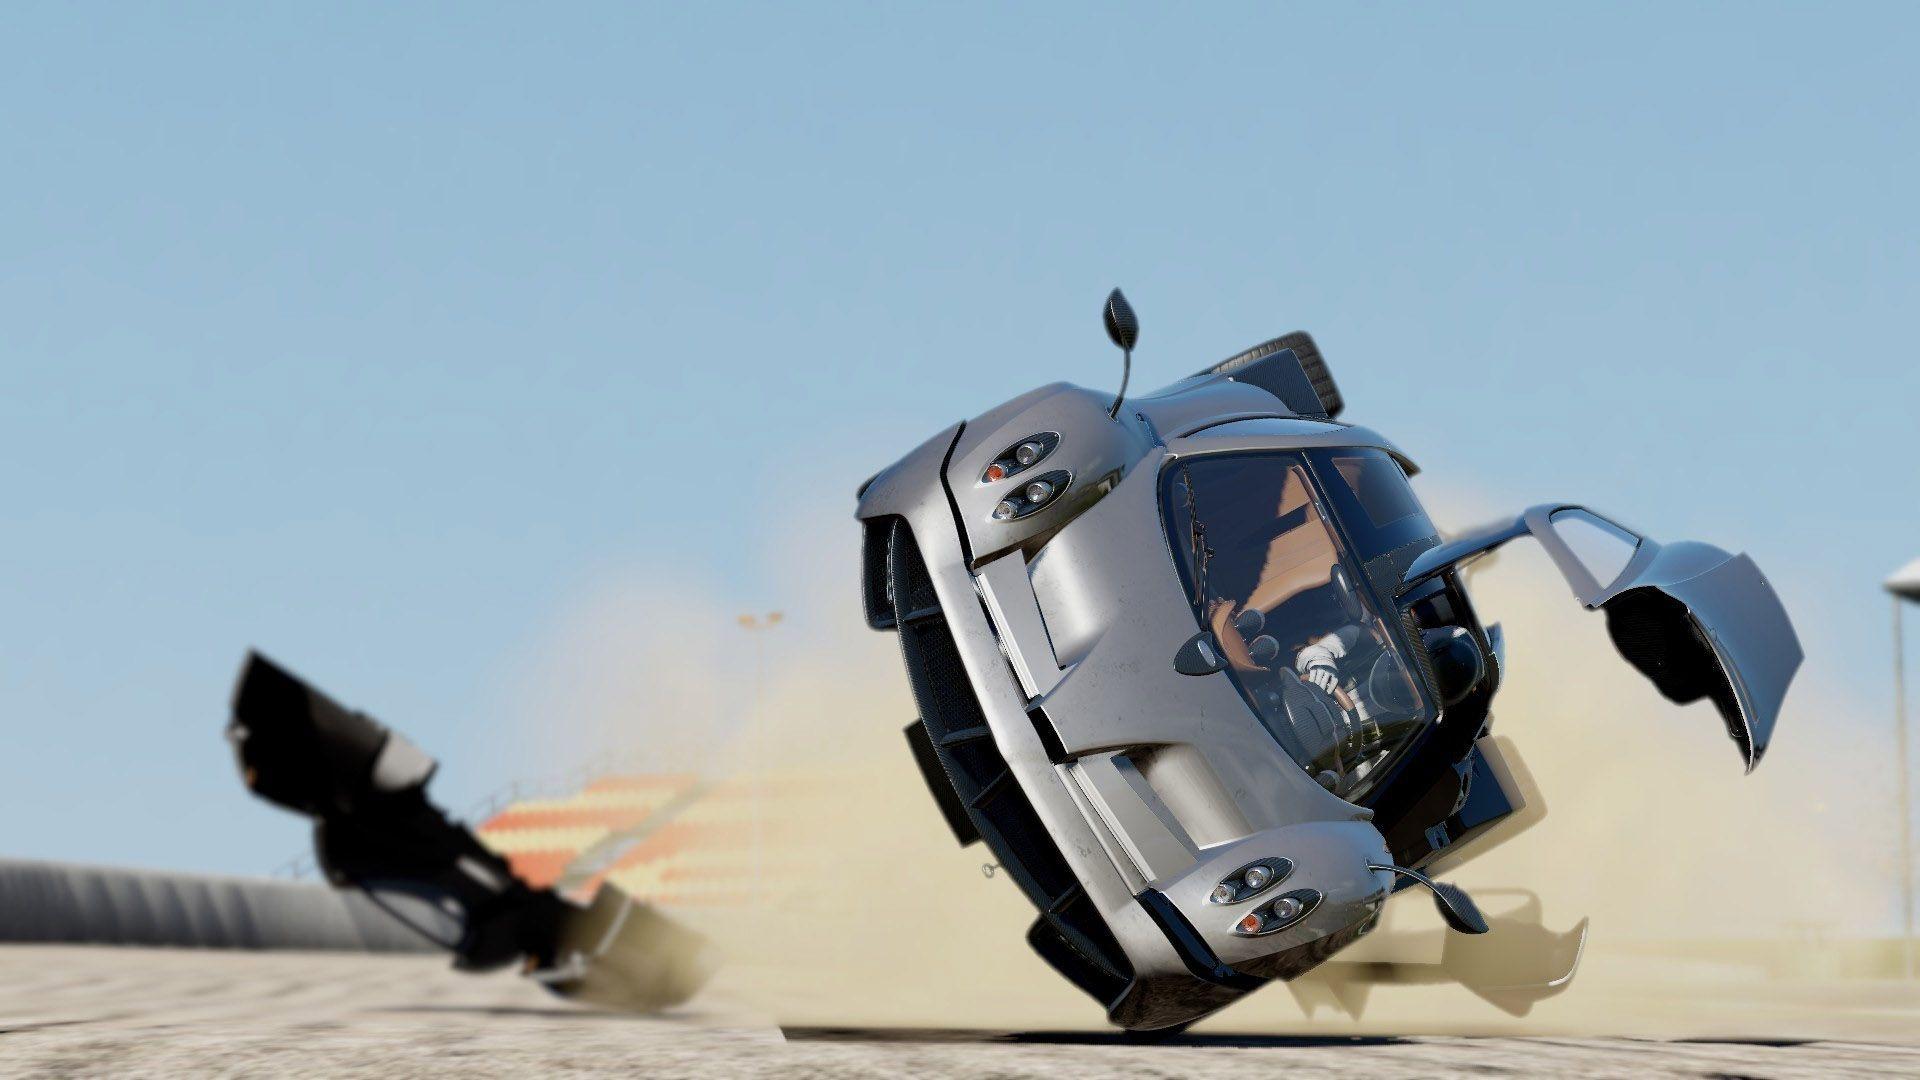 Pagani Huayra Crash Hd Wallpaper Pagani Huayra Super Cars Pagani